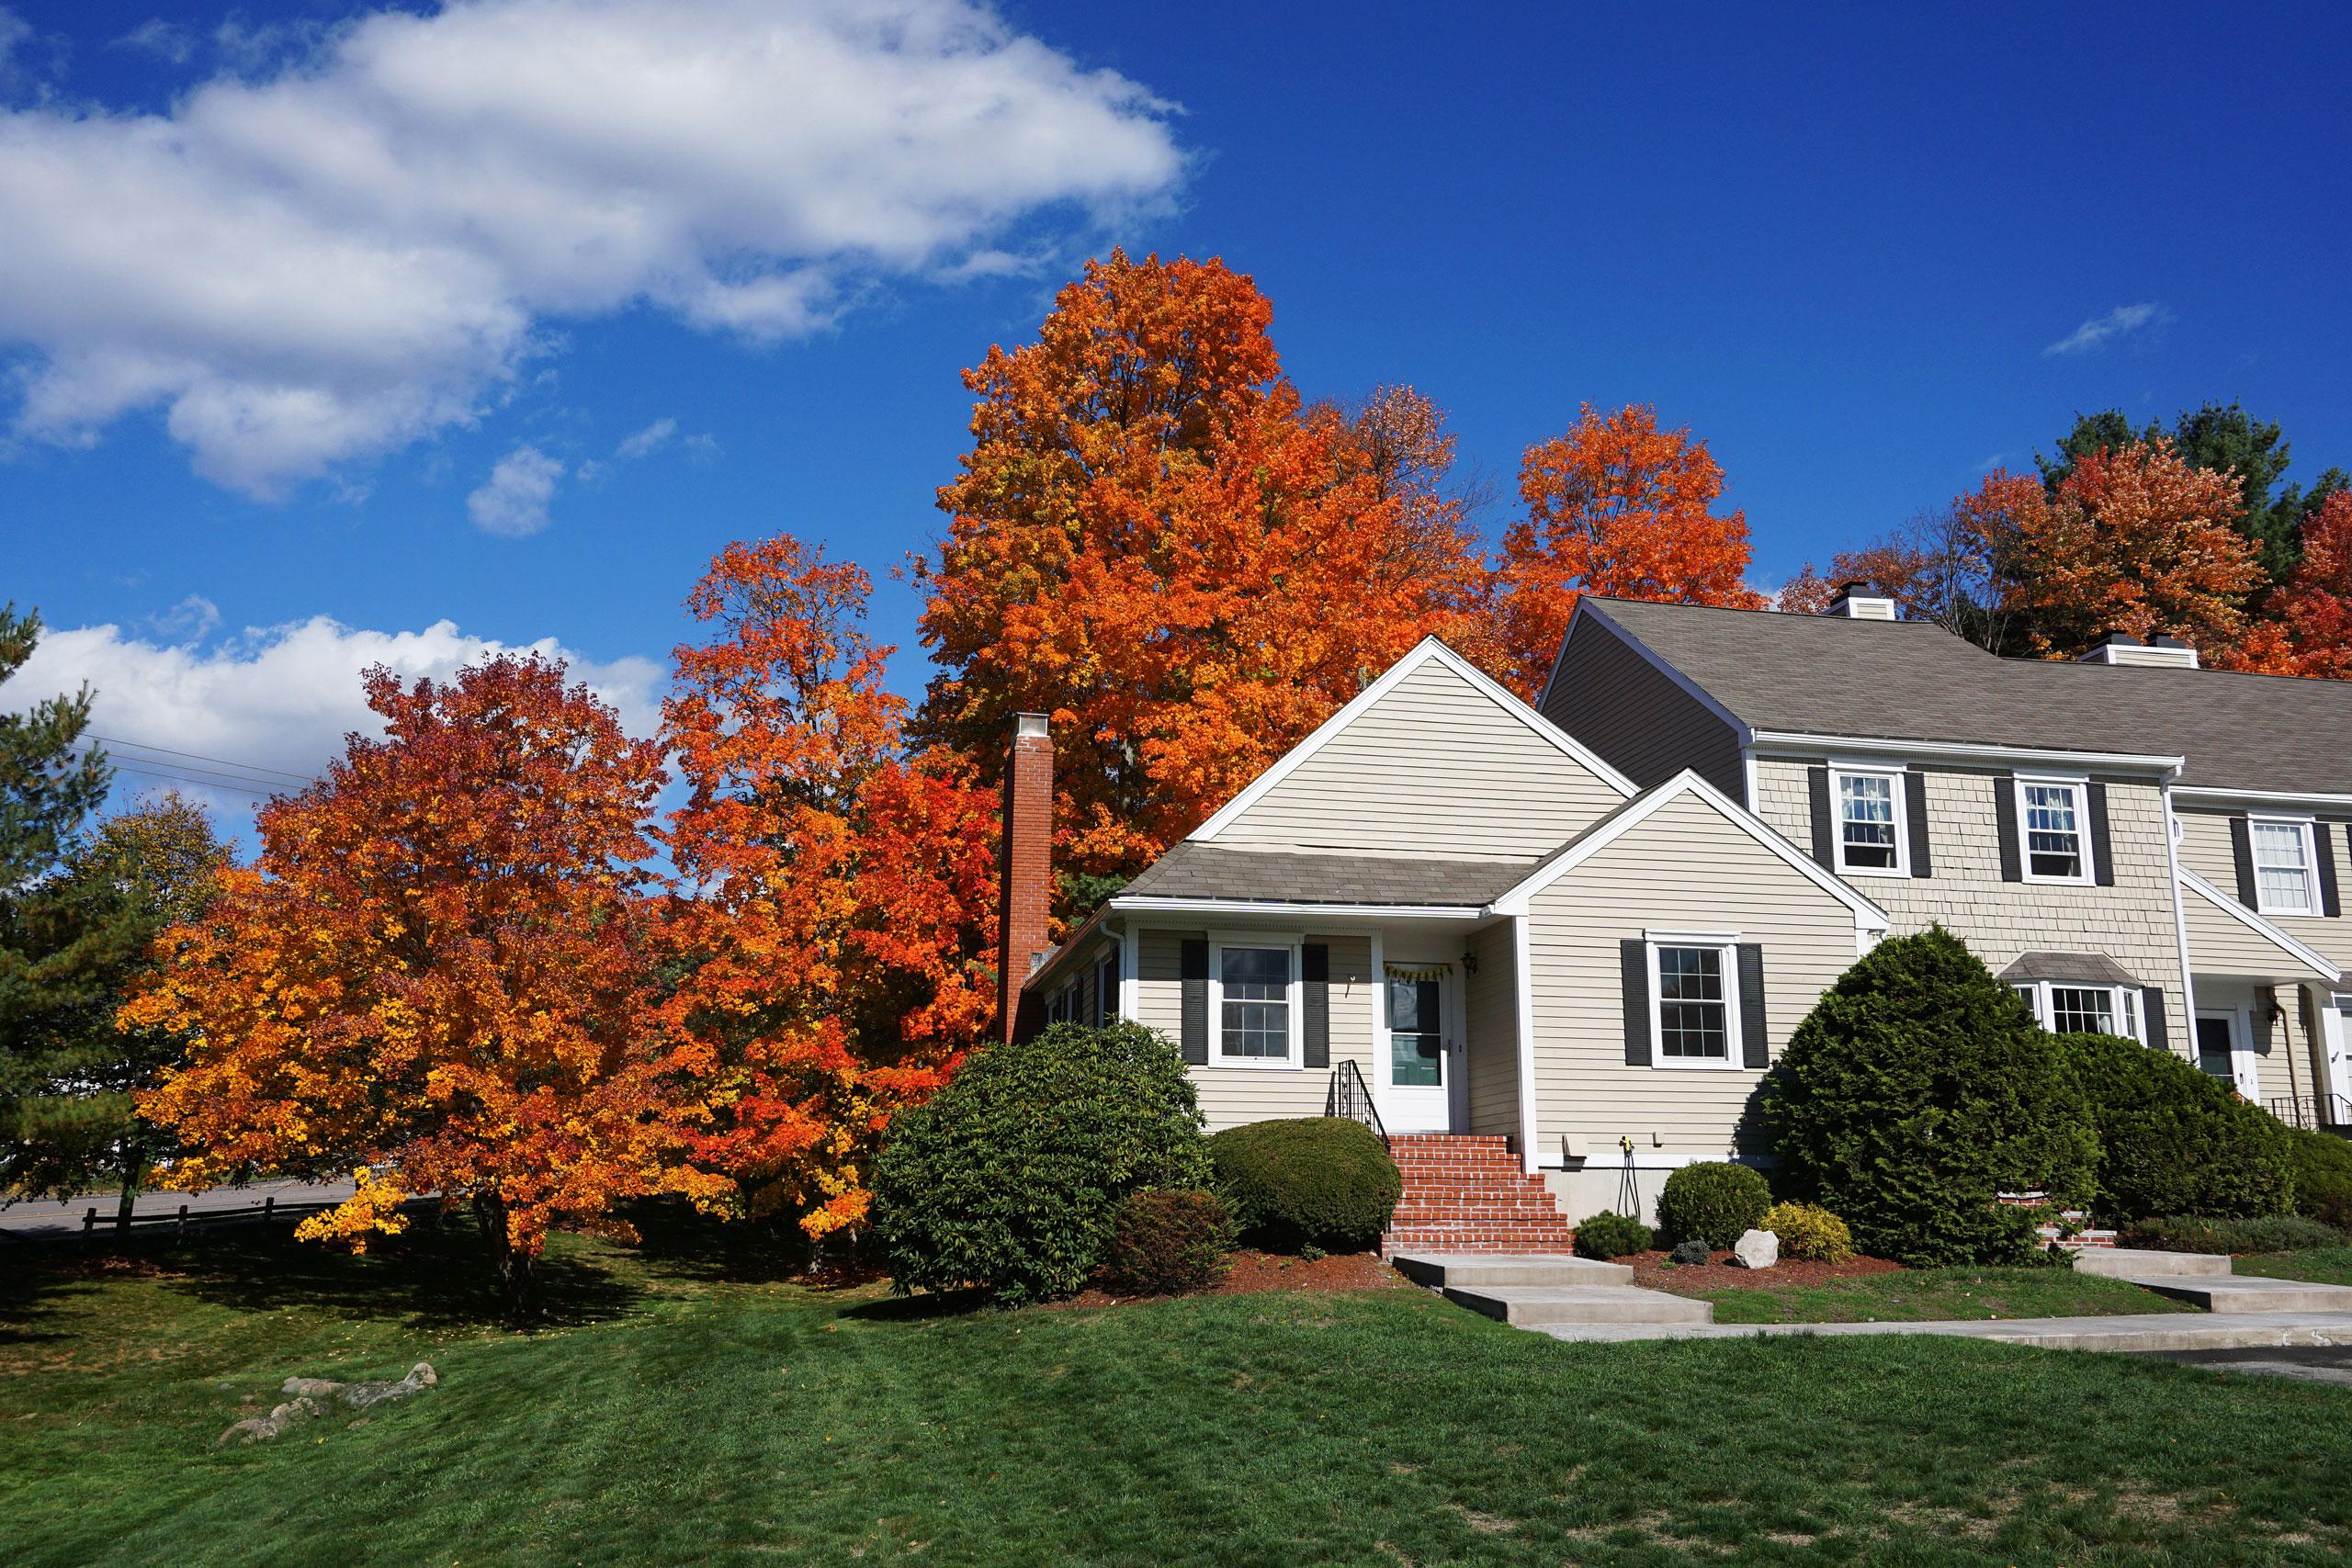 Photo Cet automne sera une période idéale pour vendre votre maison. Voici 7 les avantages spécifiques à ne pas négliger.